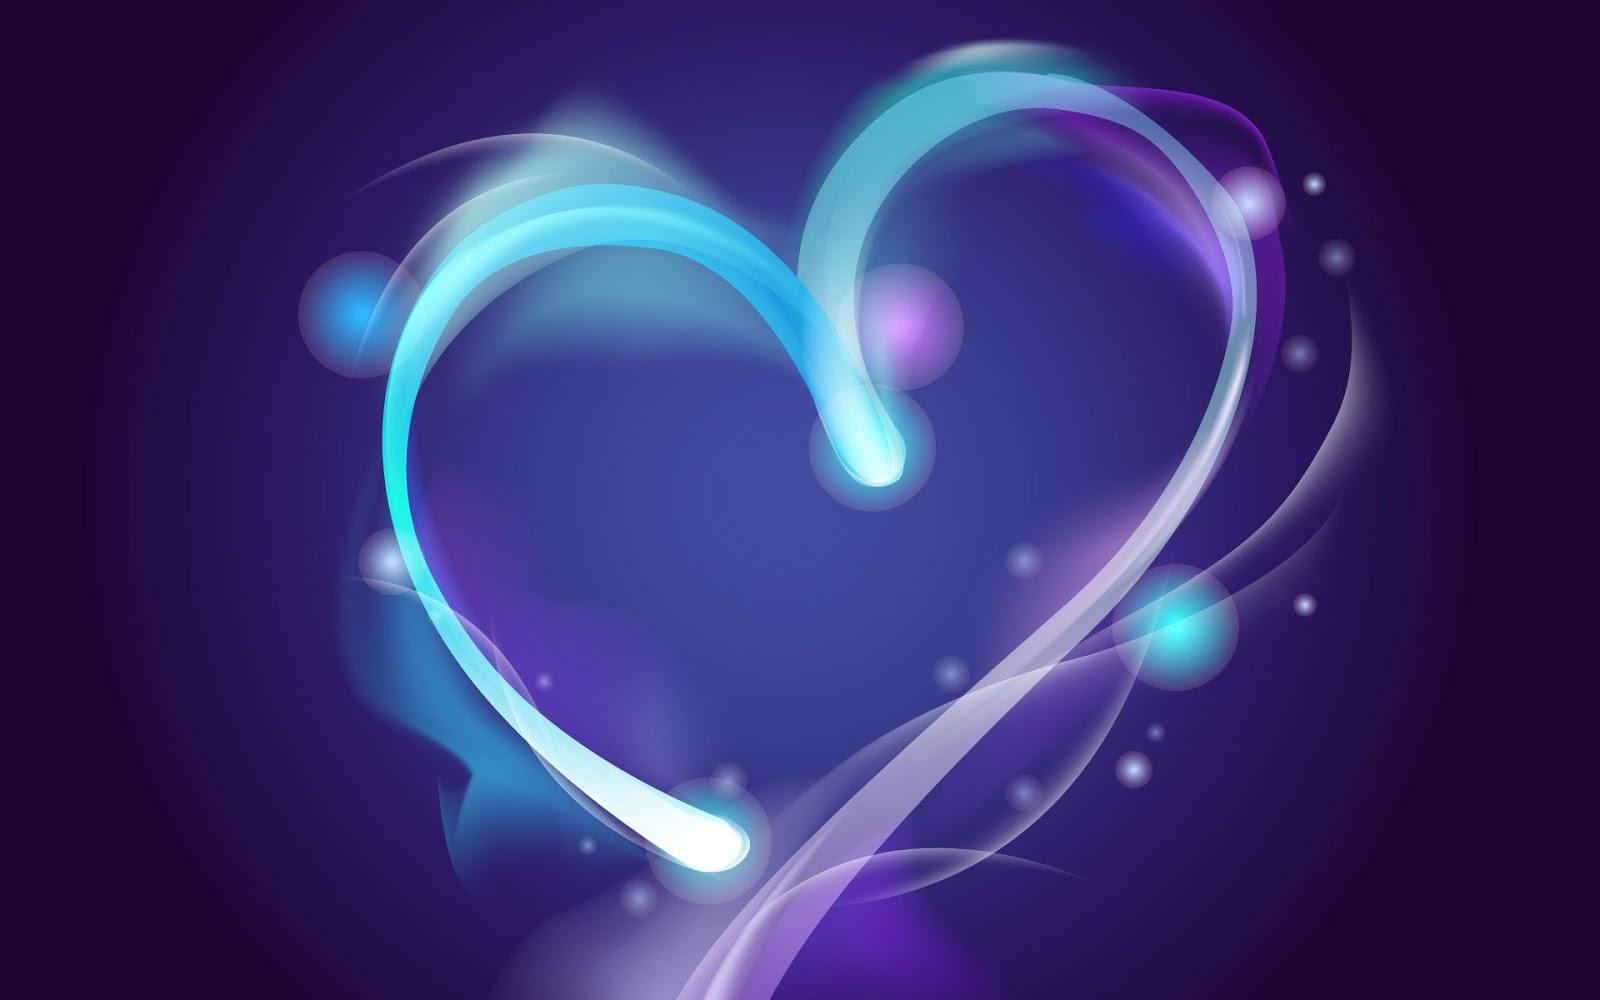 Beautiful+purple+heart+wallpaper+(1)